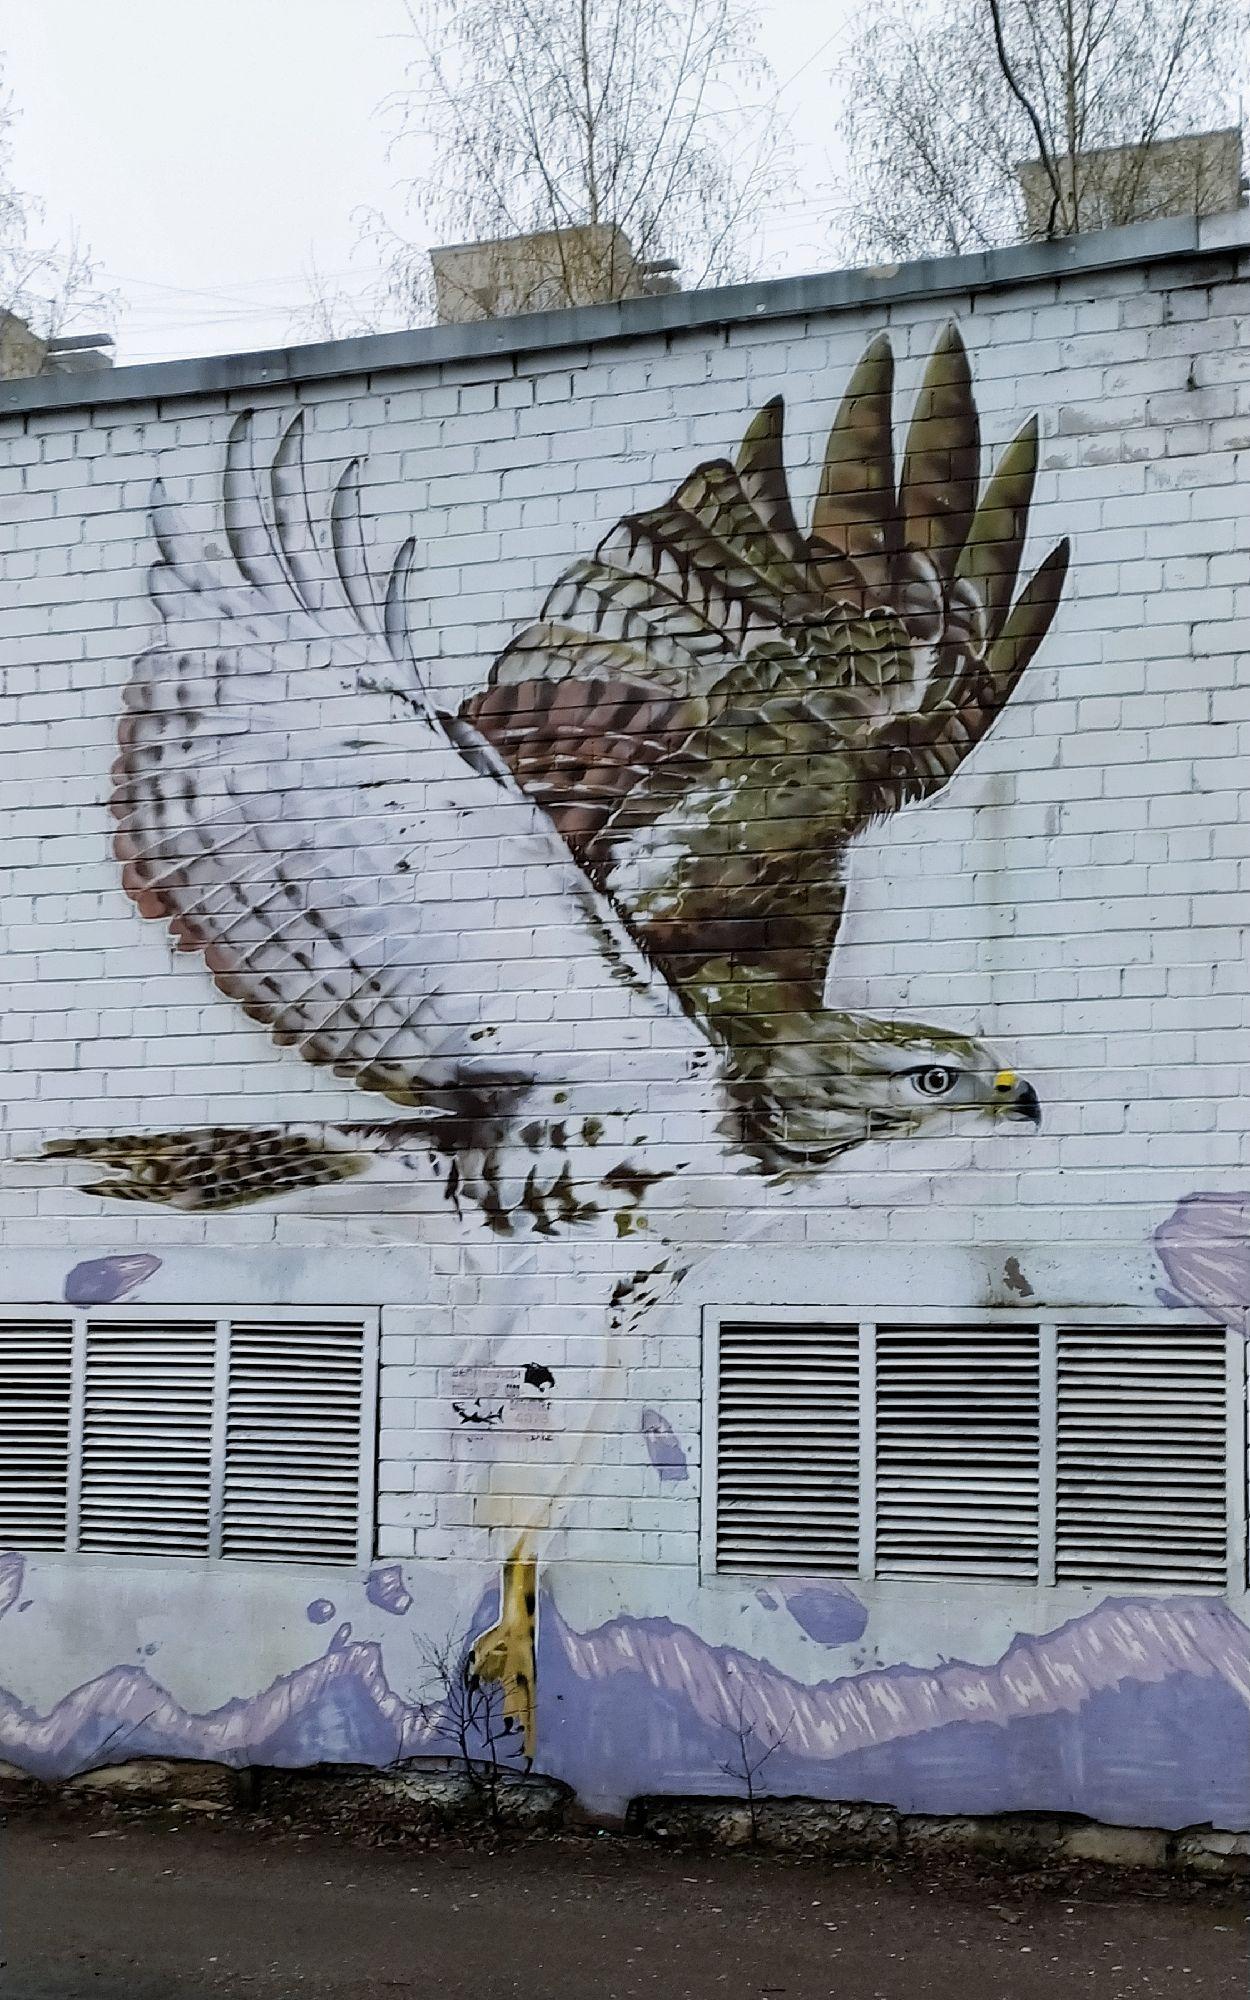 Граффити в одном из дворов.